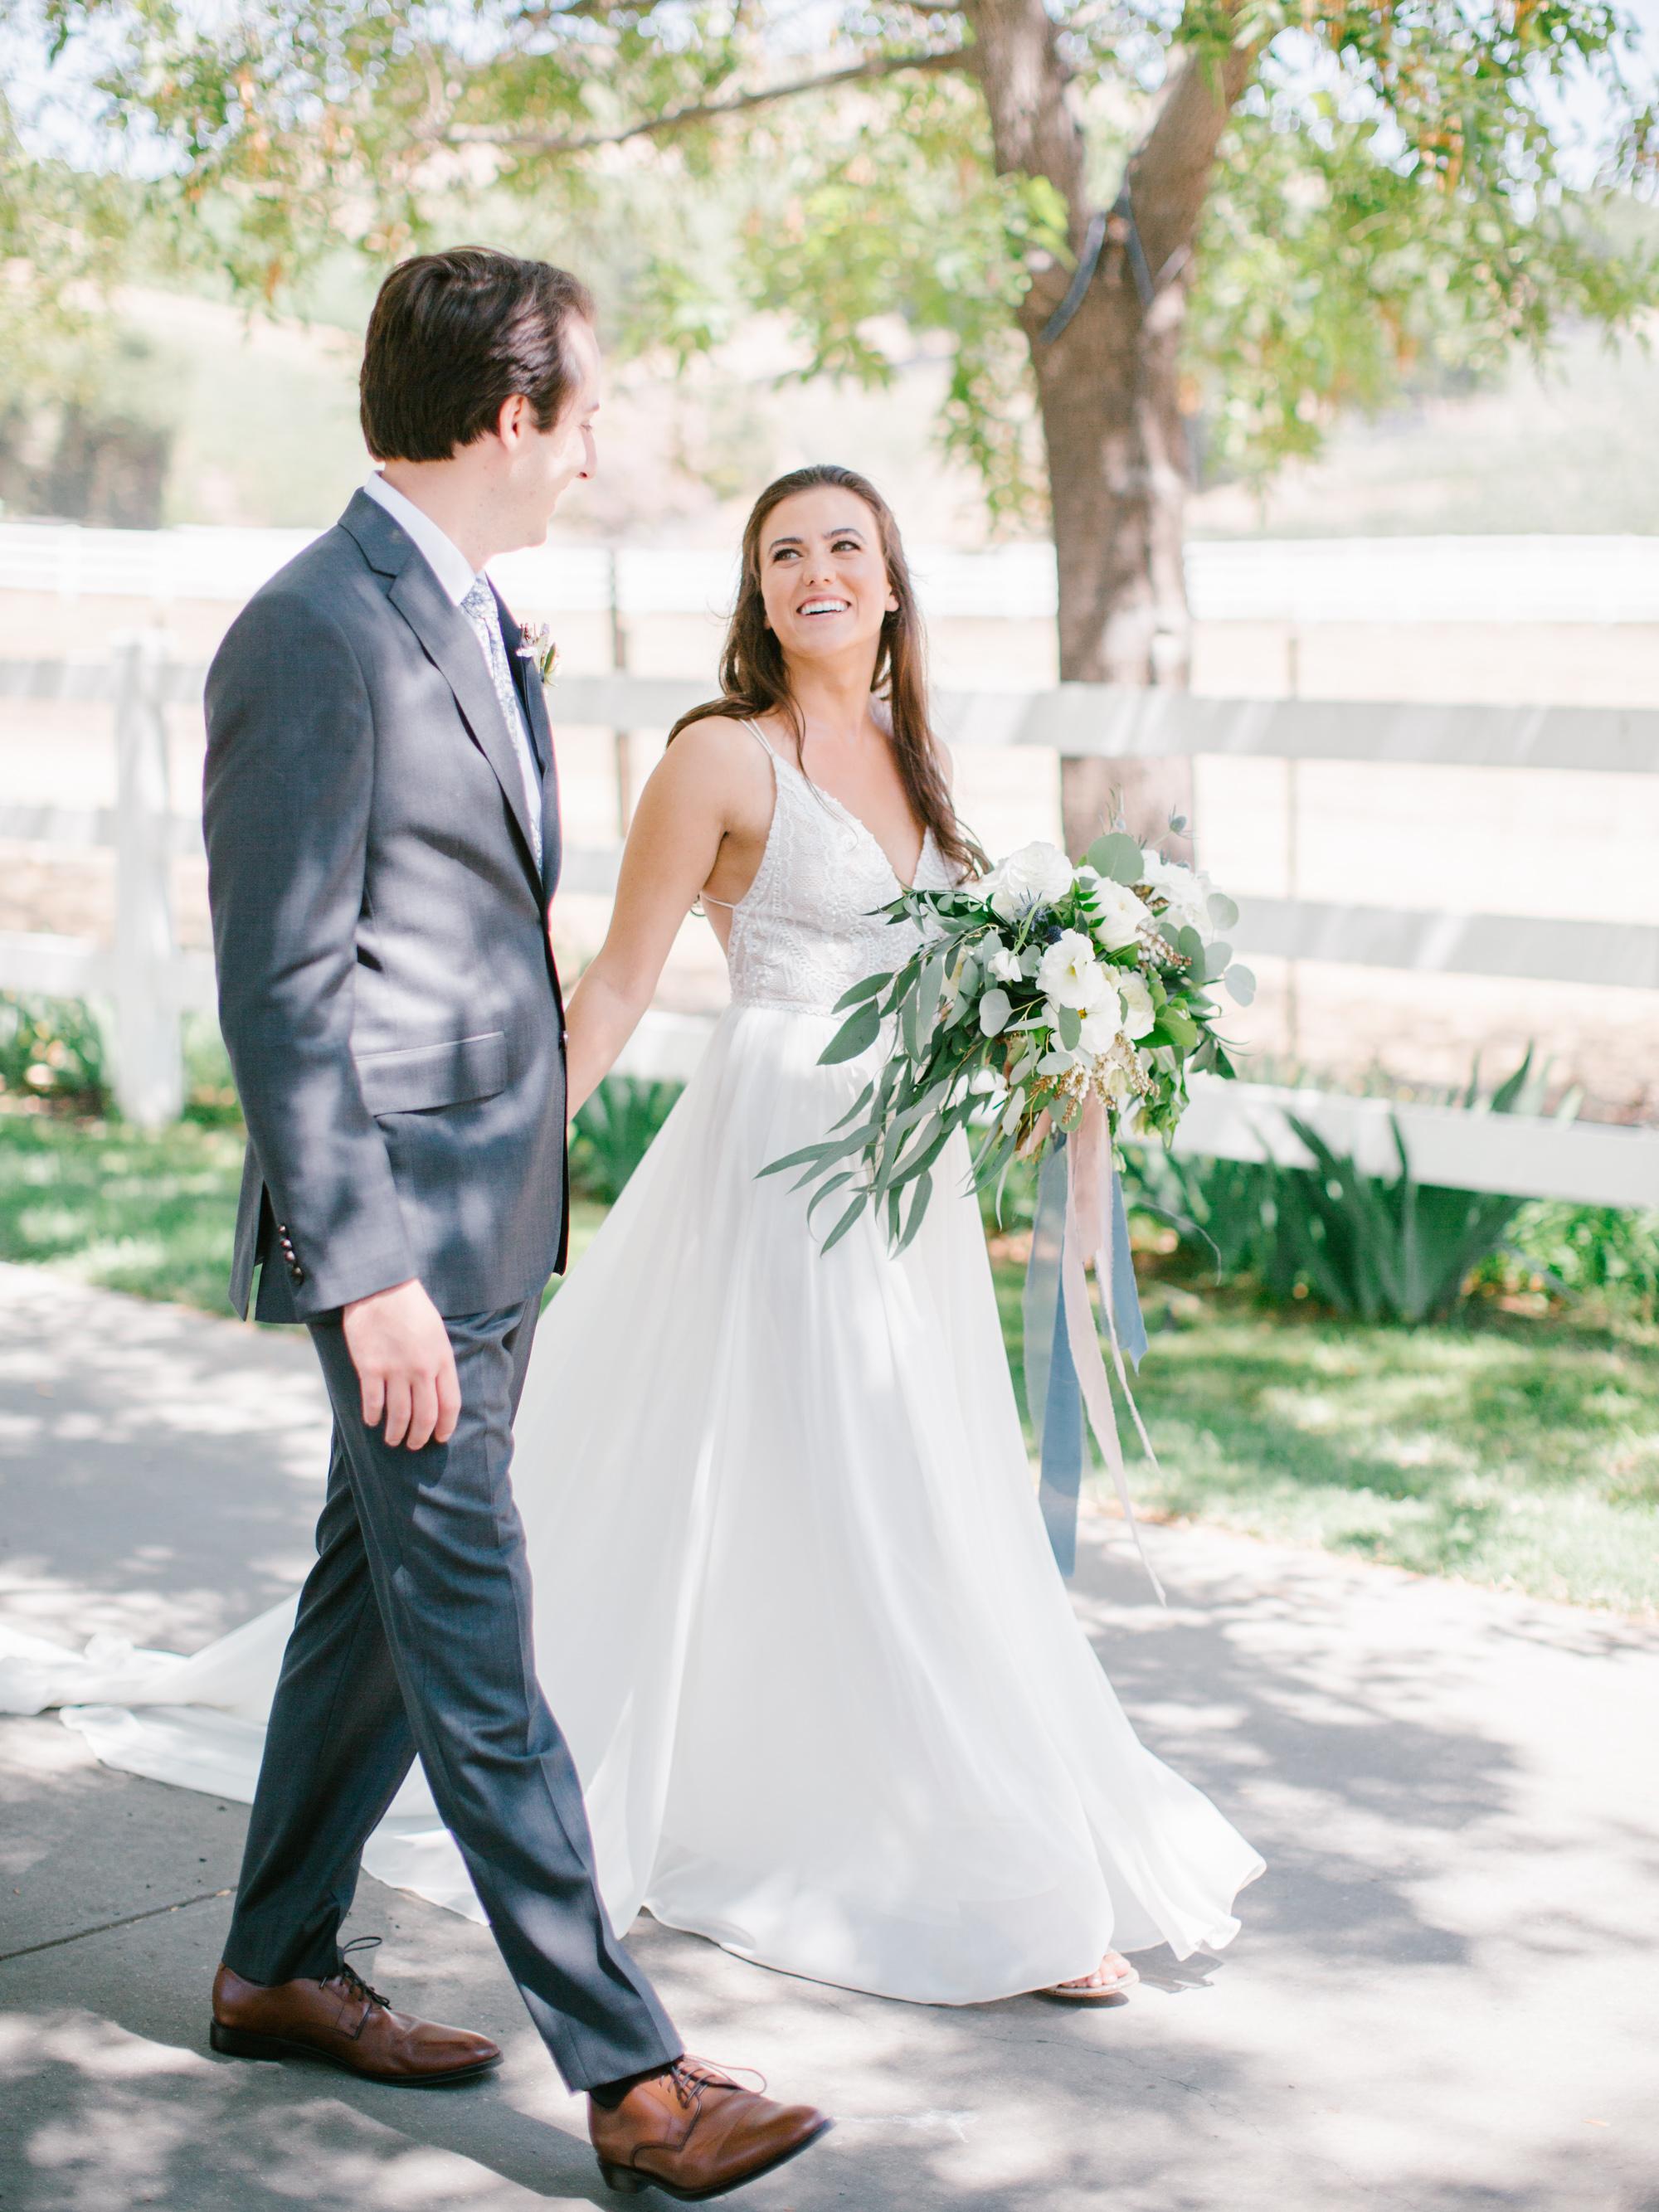 elizabeth-micah-wedding-187.jpg